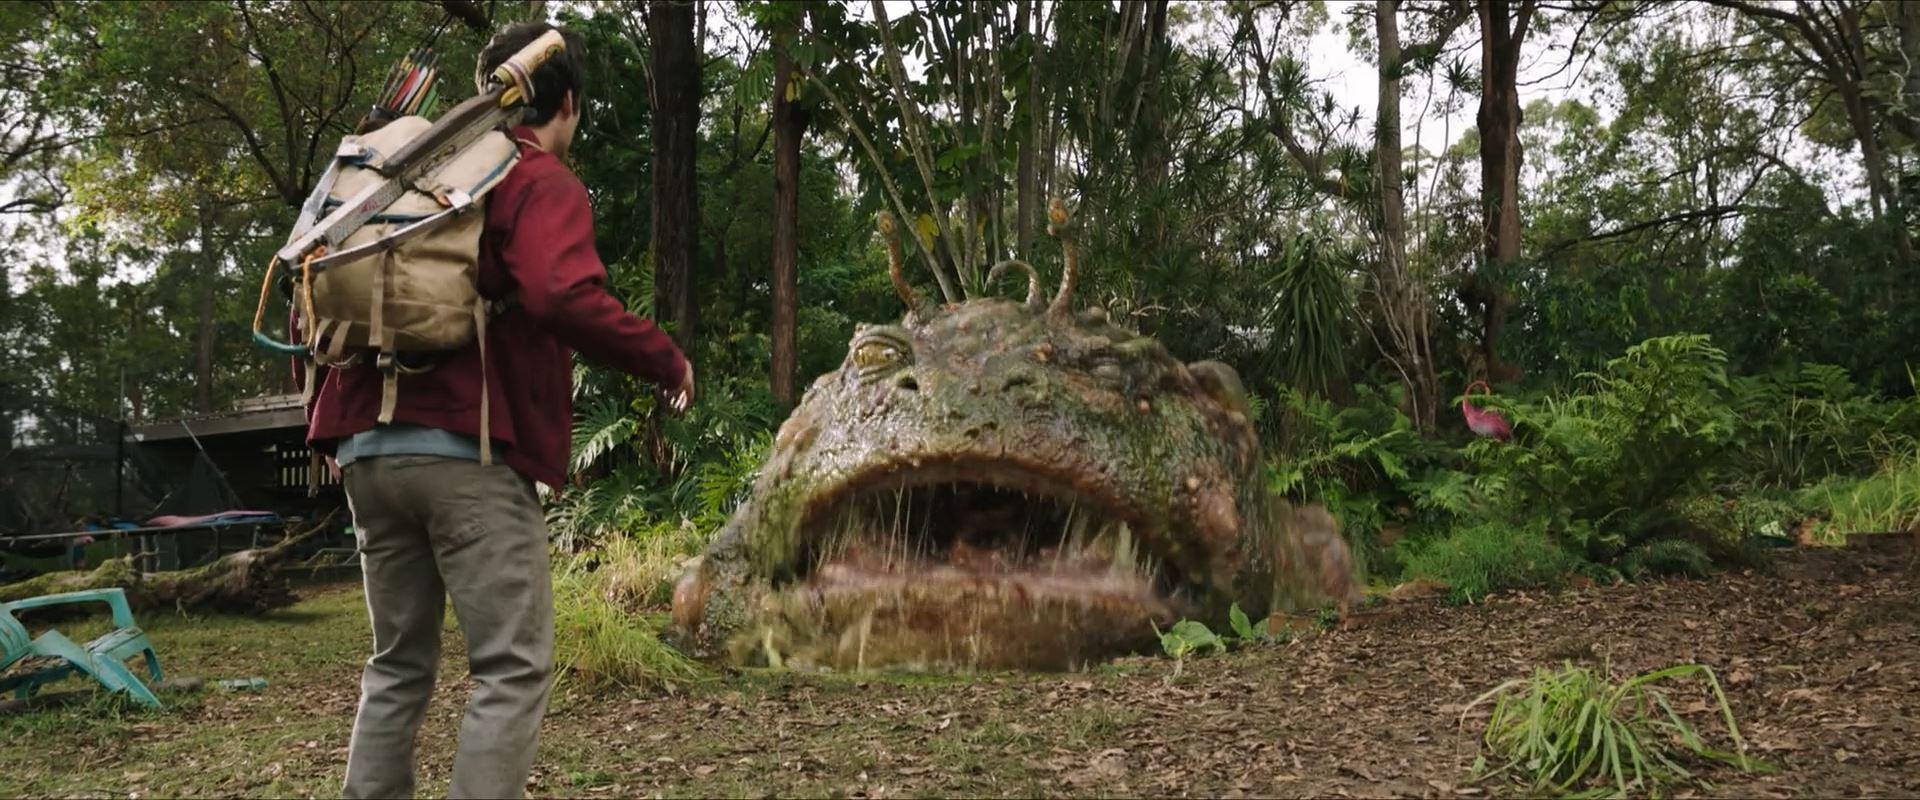 монстр-жаба